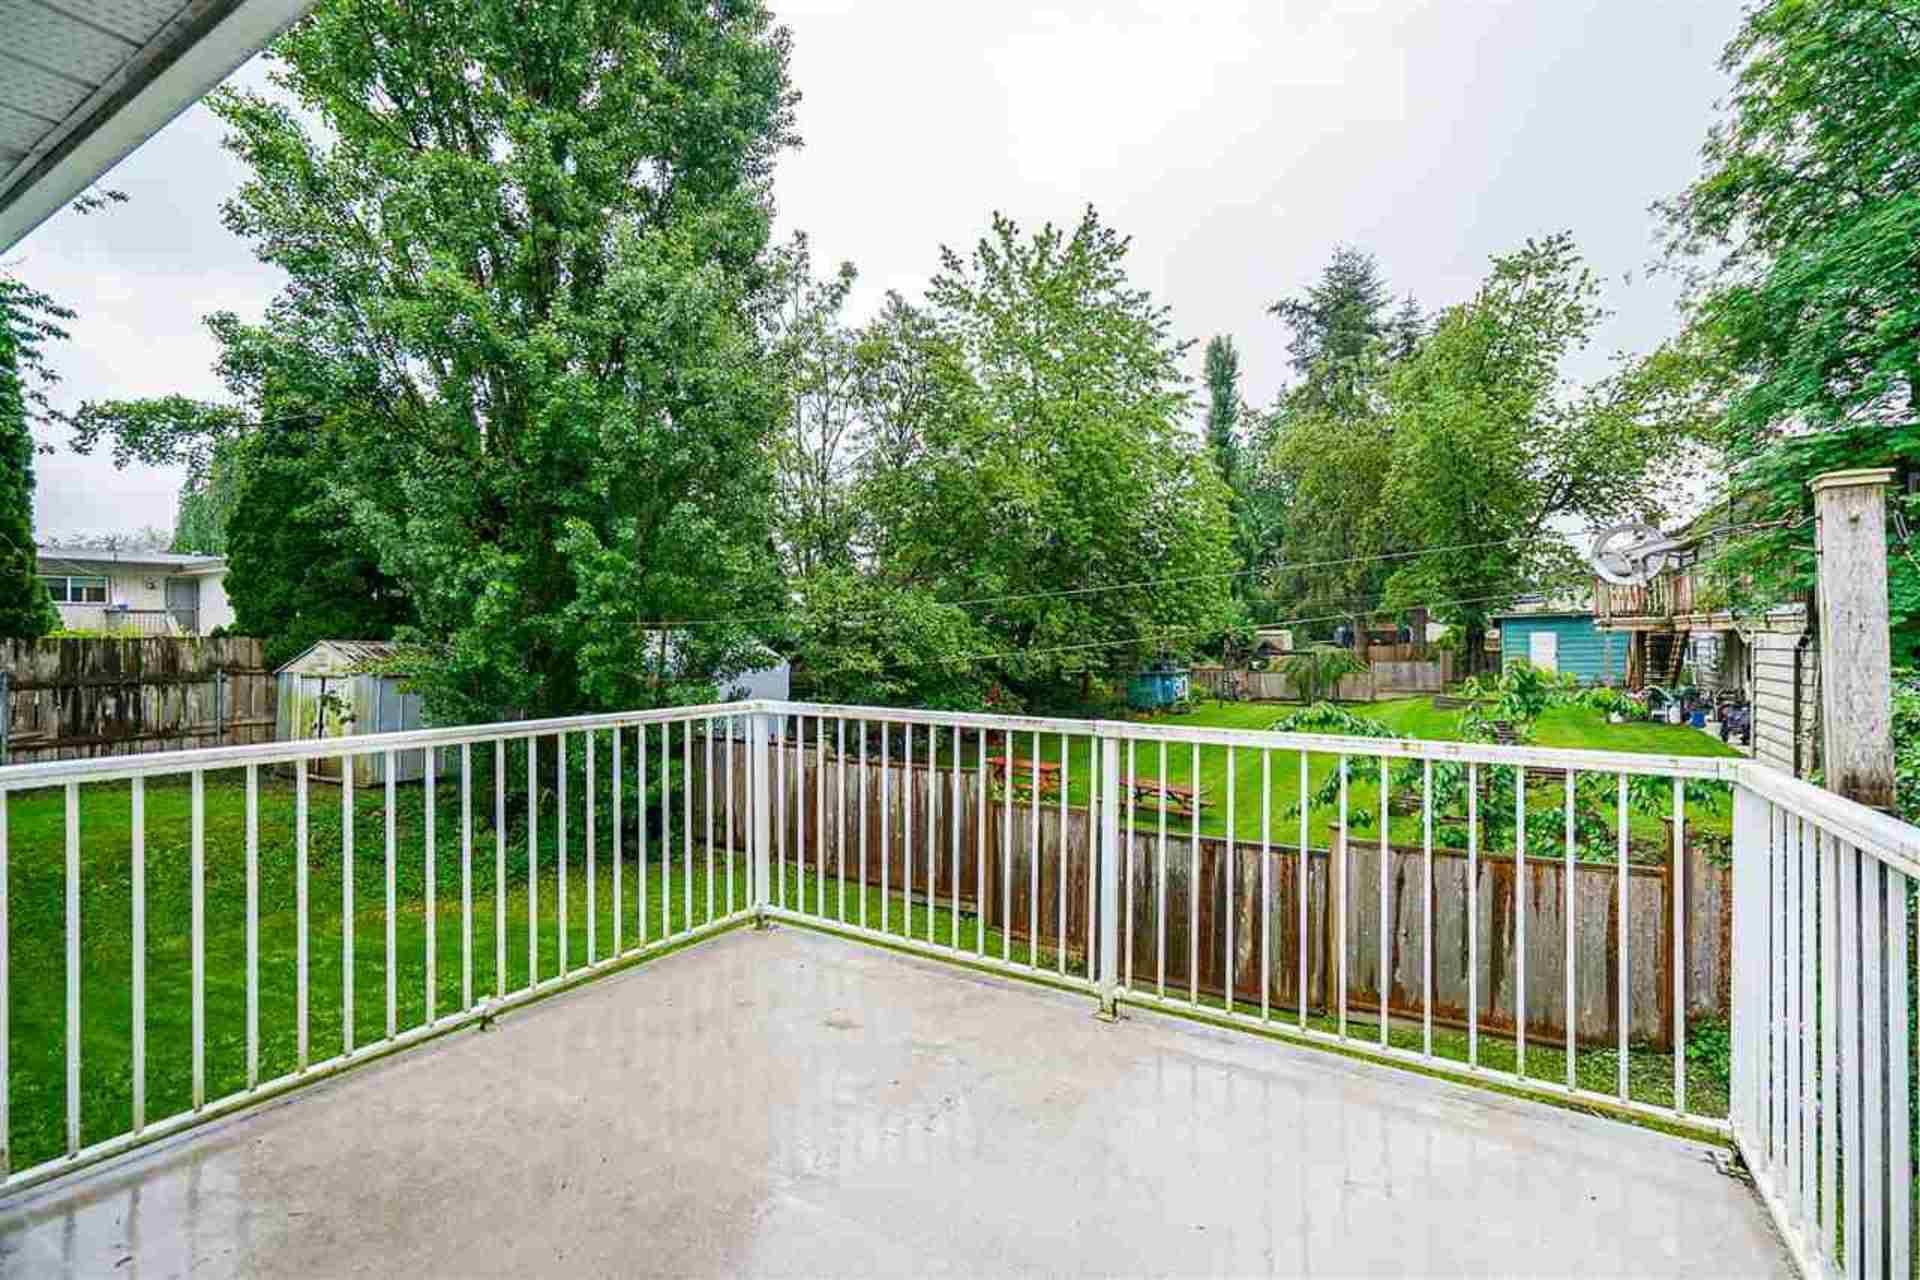 22110-122-avenue-west-central-maple-ridge-11 of 22110 122 Avenue, West Central, Maple Ridge